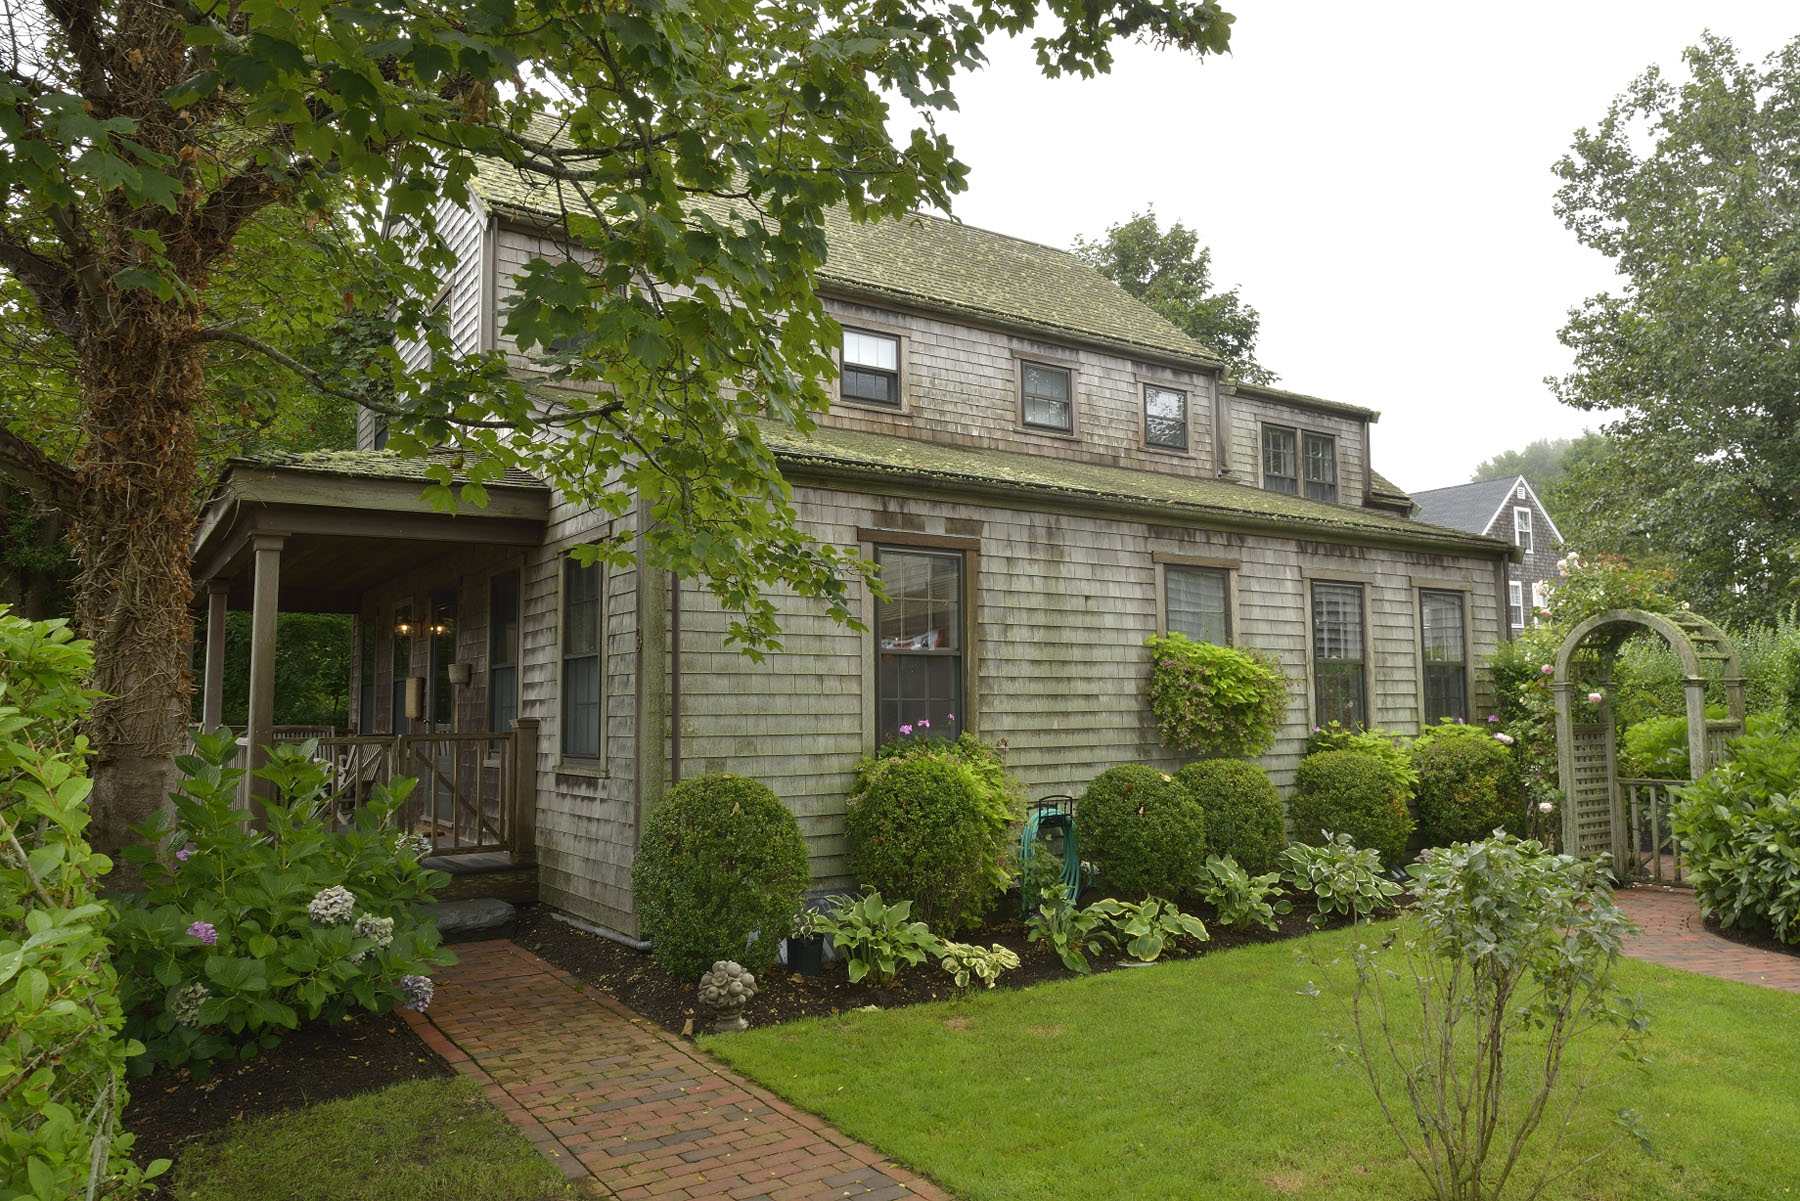 Casa Unifamiliar por un Venta en Custom Home and Carriage House 9 West Dover Street Nantucket, Massachusetts 02554 Estados Unidos